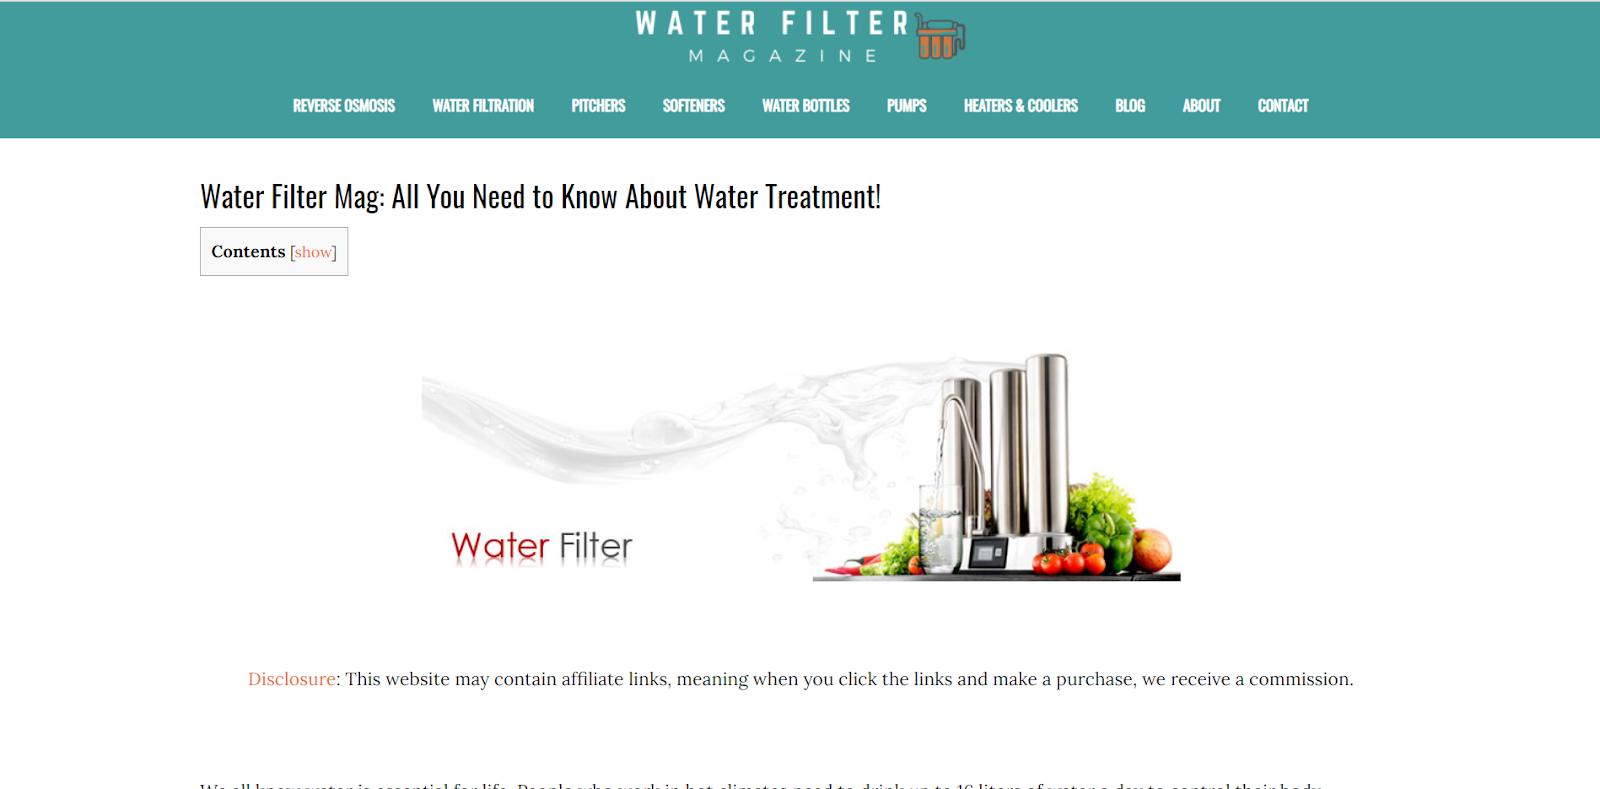 waterfiltermag